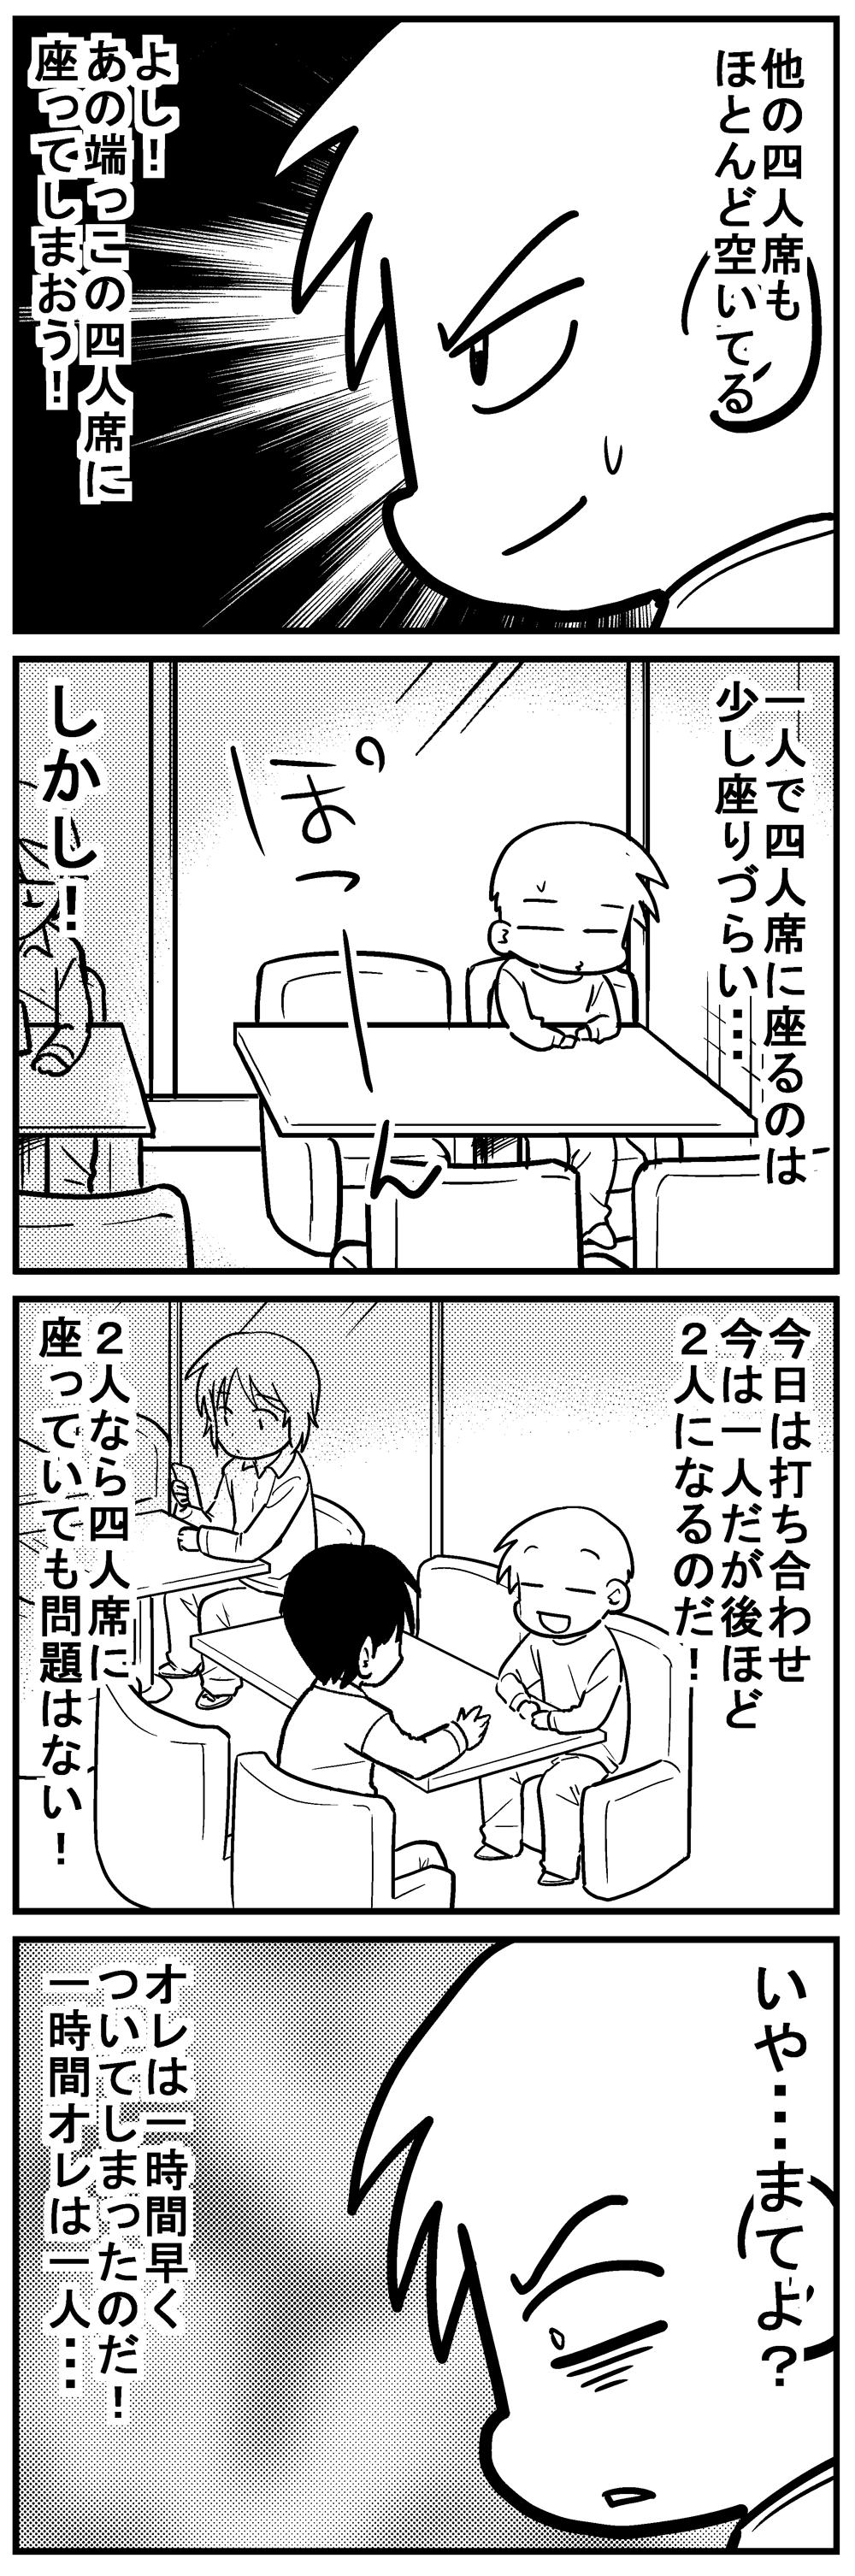 深読みくん125-3